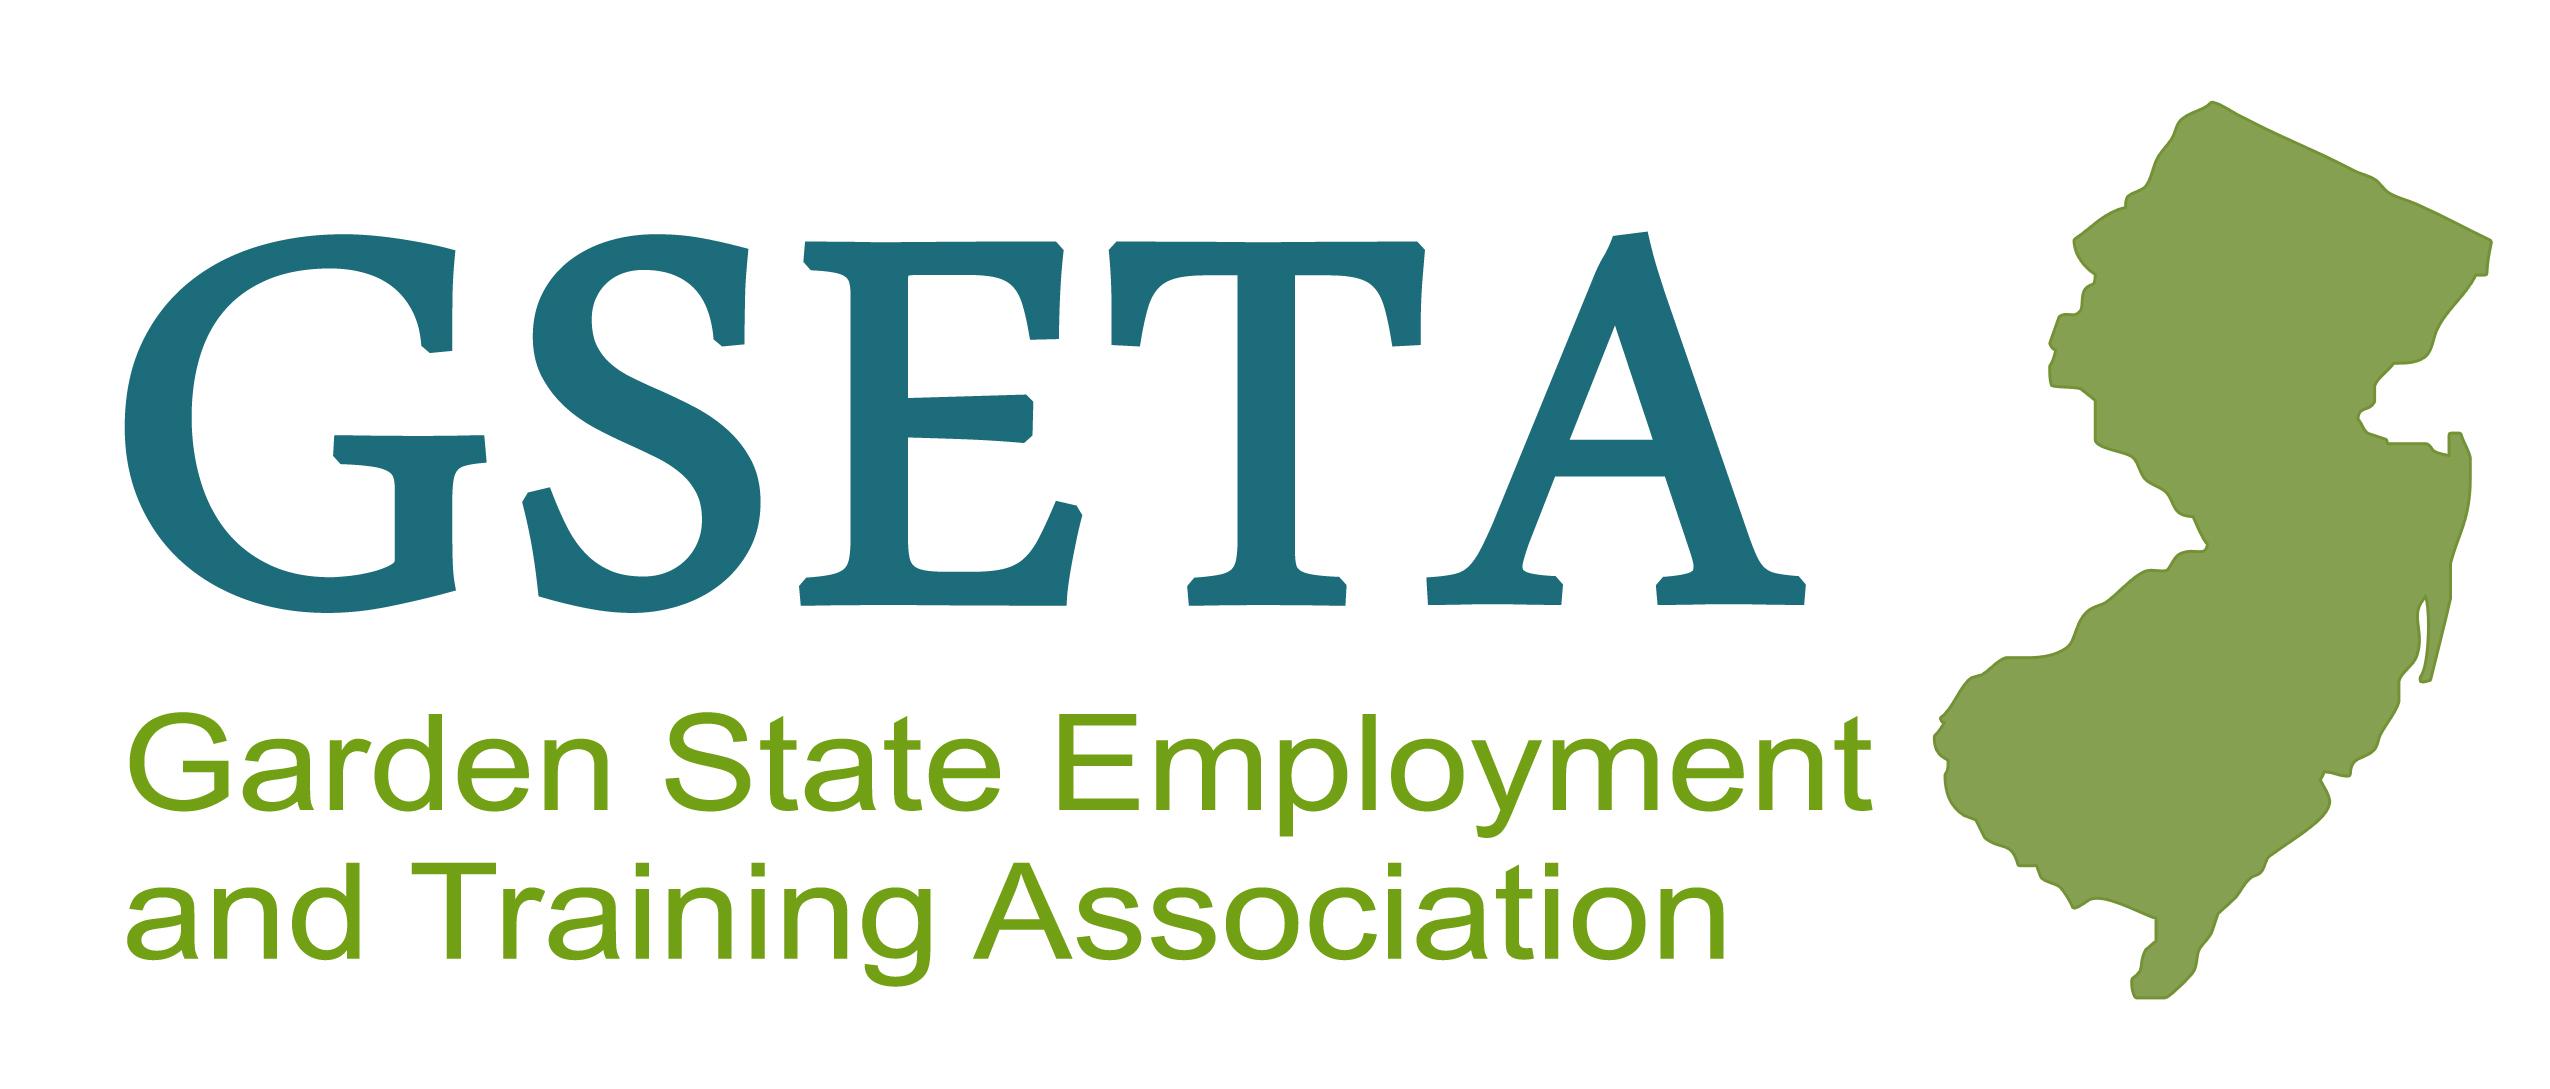 www.gseta.org